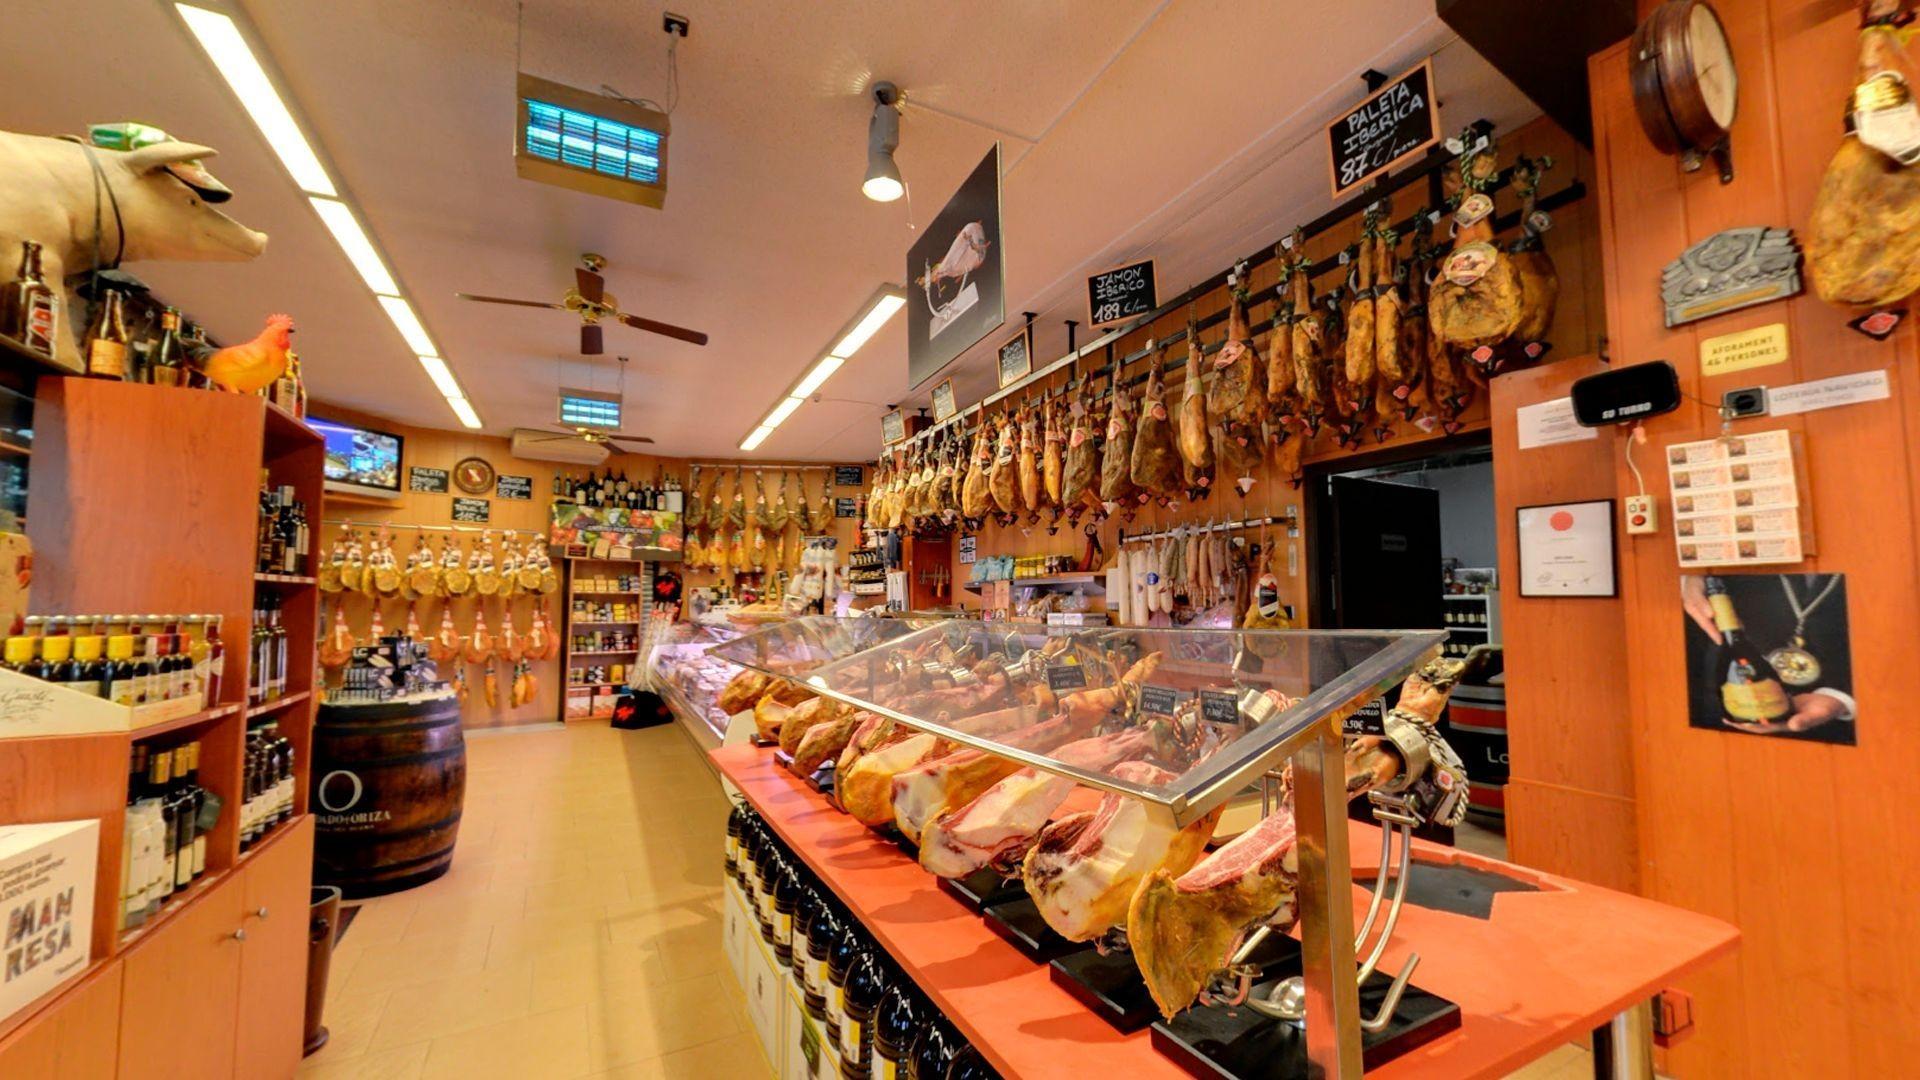 Tienda de embutidos ibéricos en Manresa